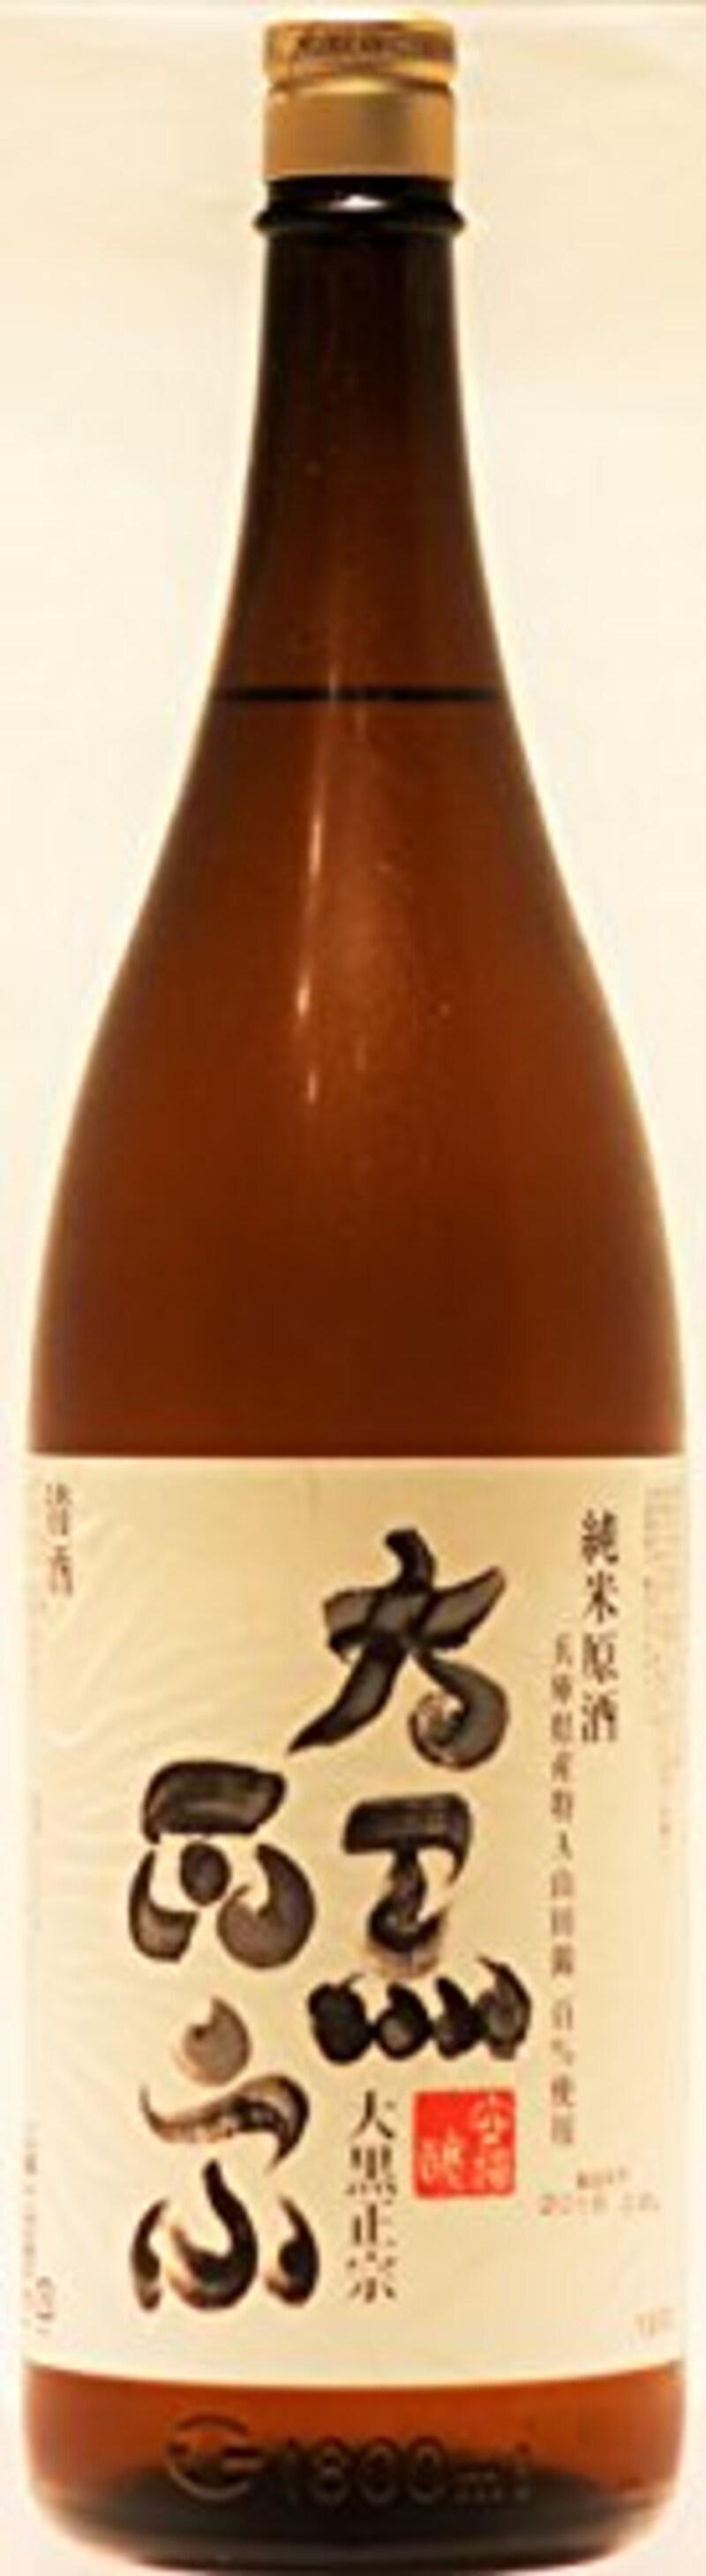 大黒正宗 純米原酒 1800ml